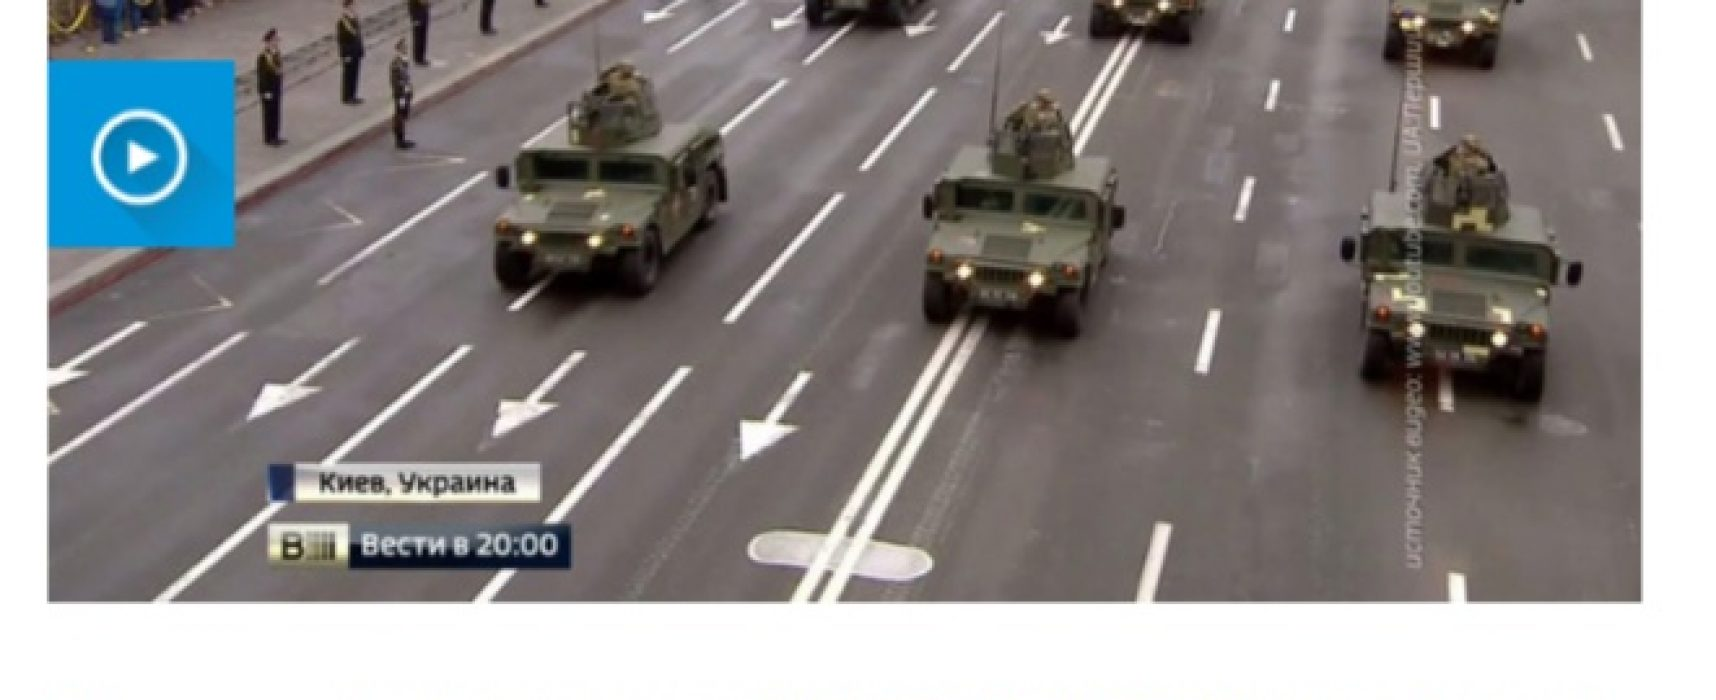 La chaîne de télévision «Rossiya» pour la Fête de l'Indépendance de l'Ukraine à la controverse